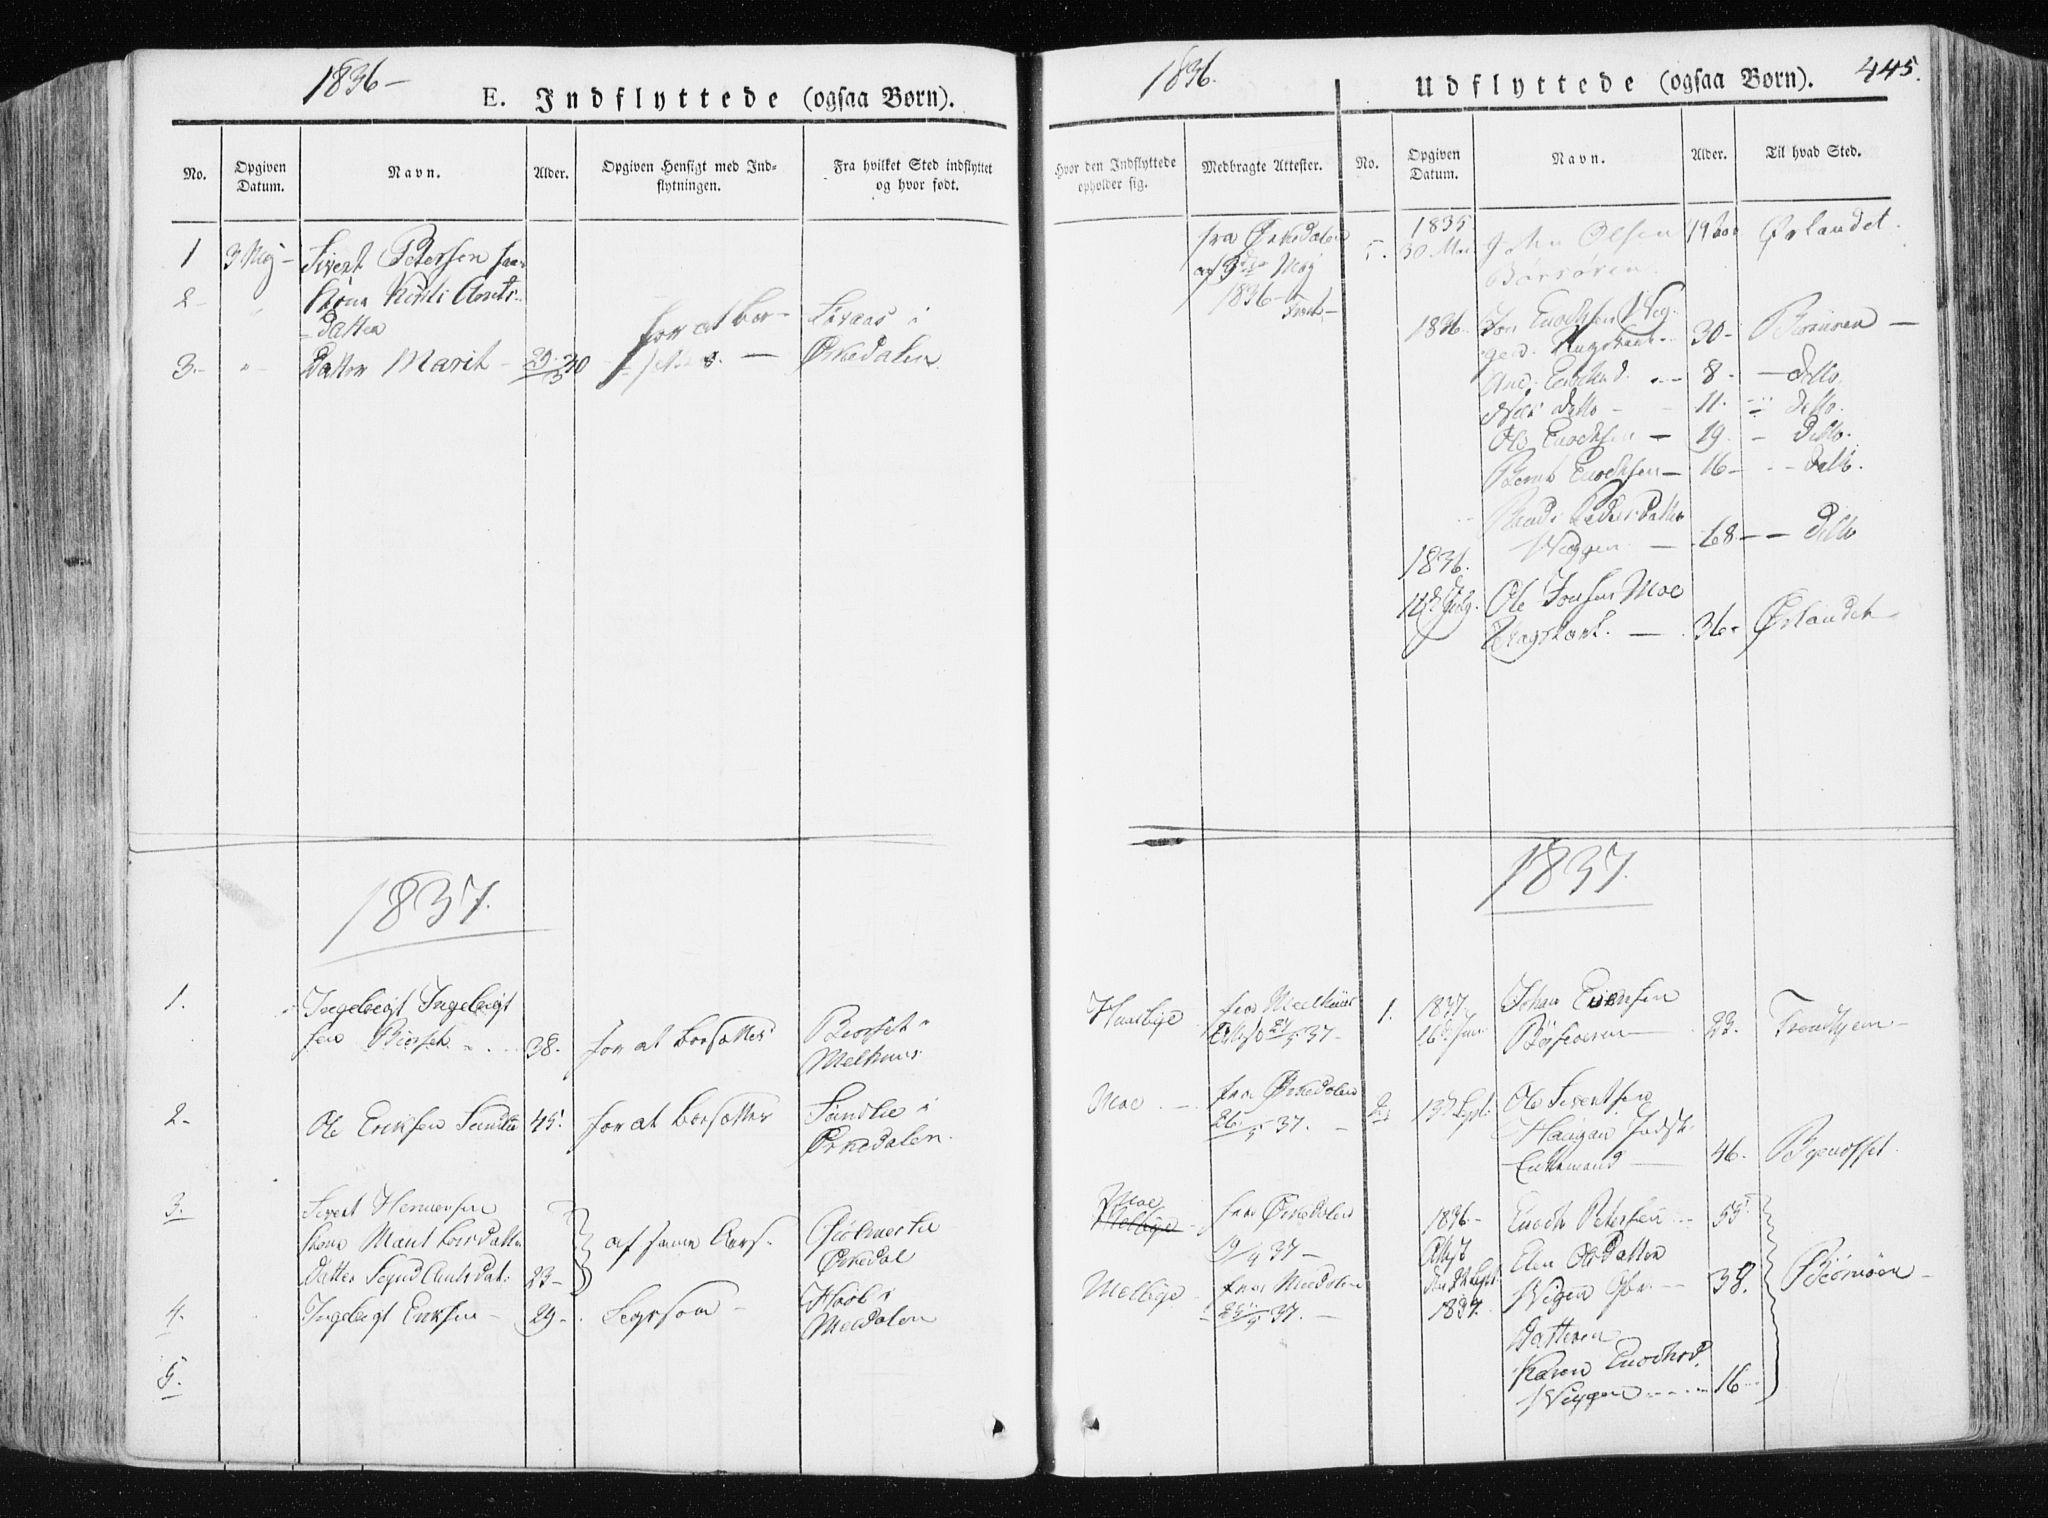 SAT, Ministerialprotokoller, klokkerbøker og fødselsregistre - Sør-Trøndelag, 665/L0771: Ministerialbok nr. 665A06, 1830-1856, s. 445